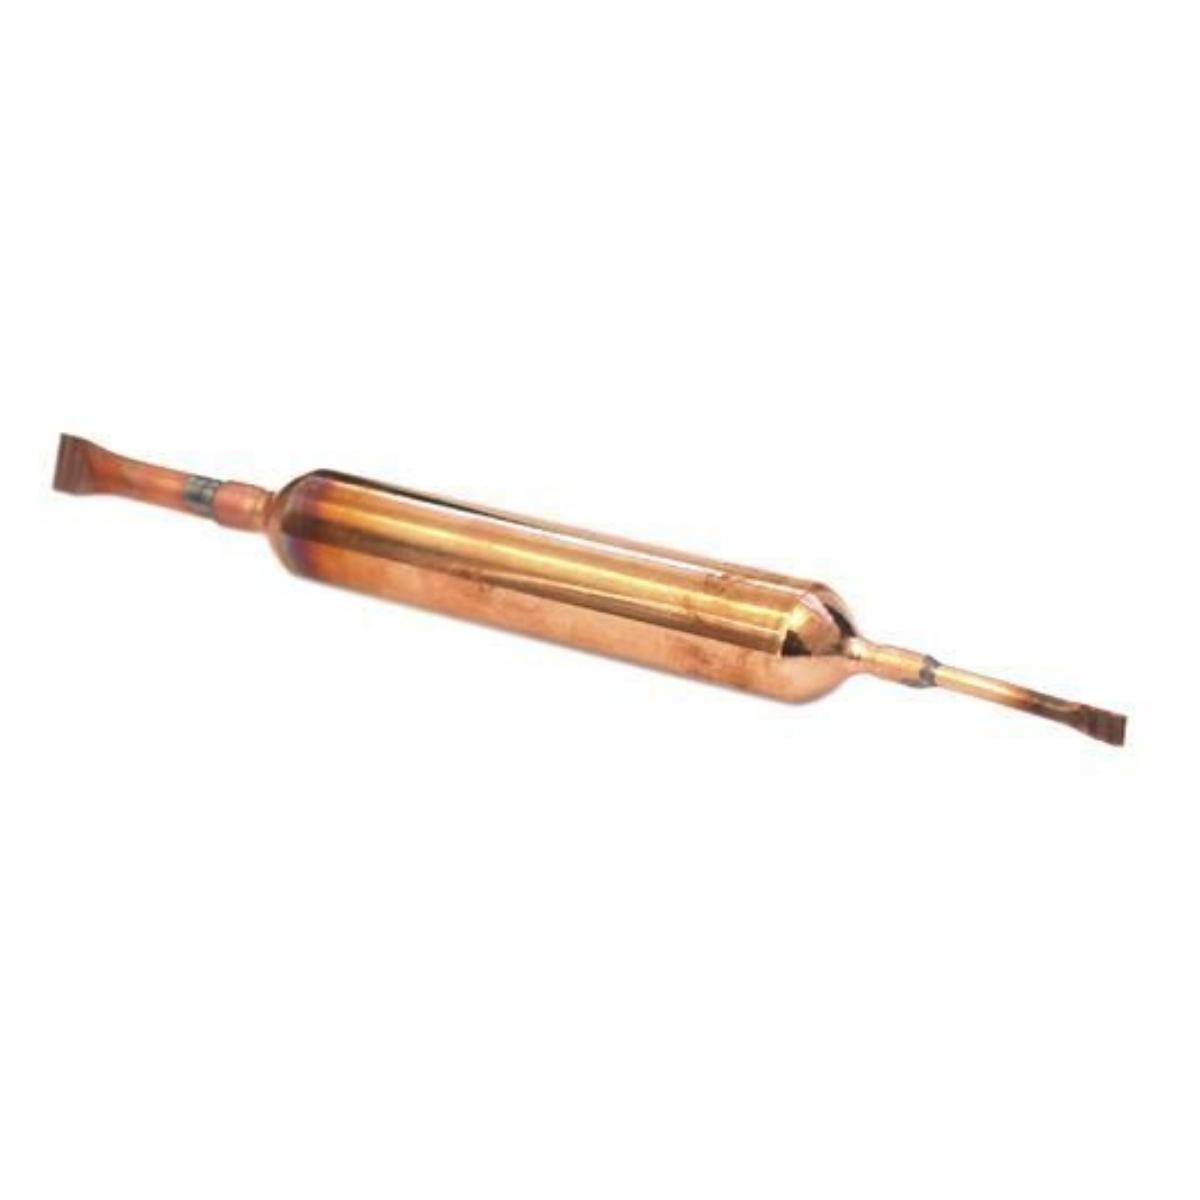 5 Filtro Secador Com Capilar E Ponteira 3/4 120mm